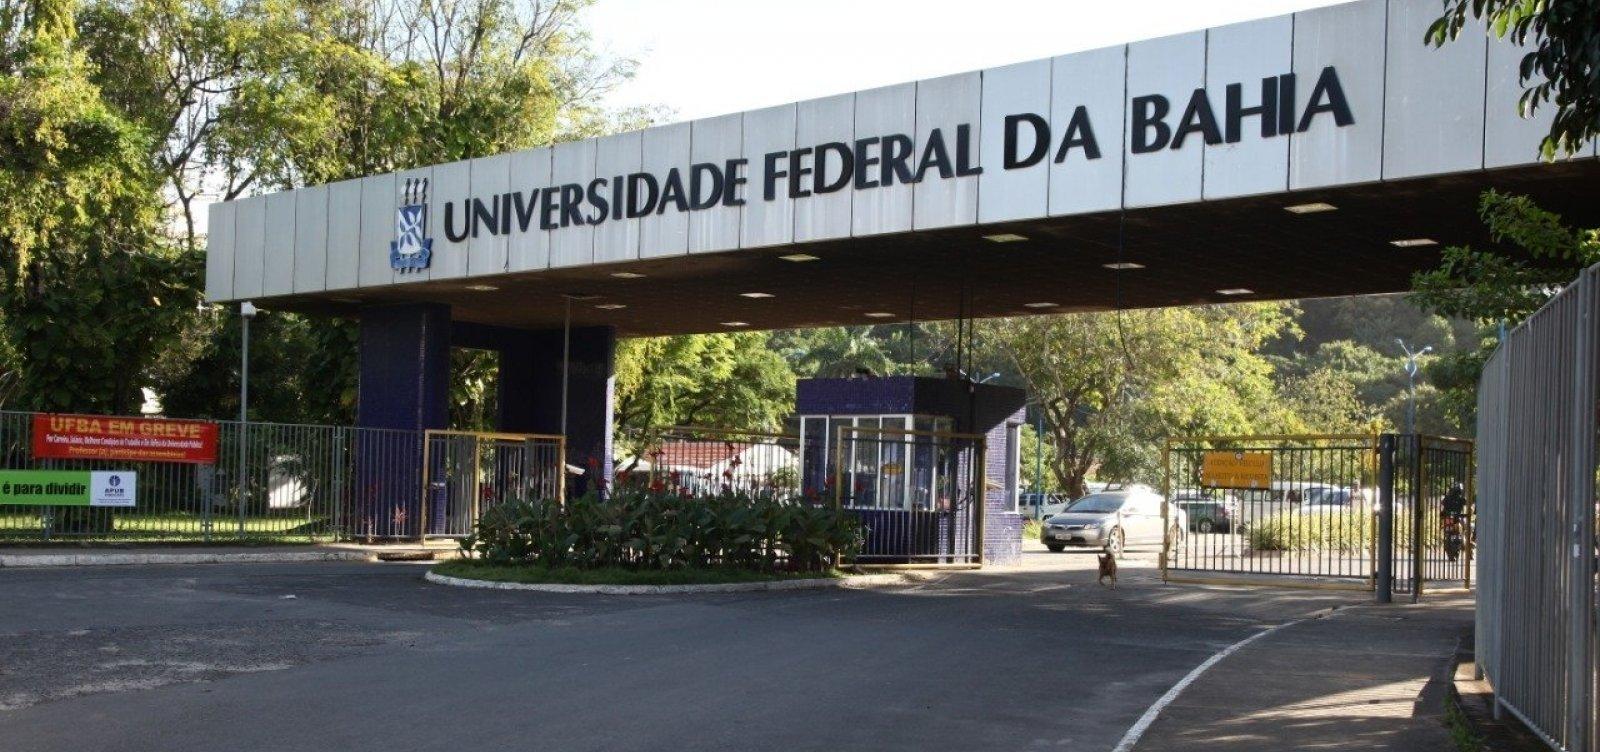 UFBA mantém suspensão de atividades presenciais e semestre 2021.2 será online